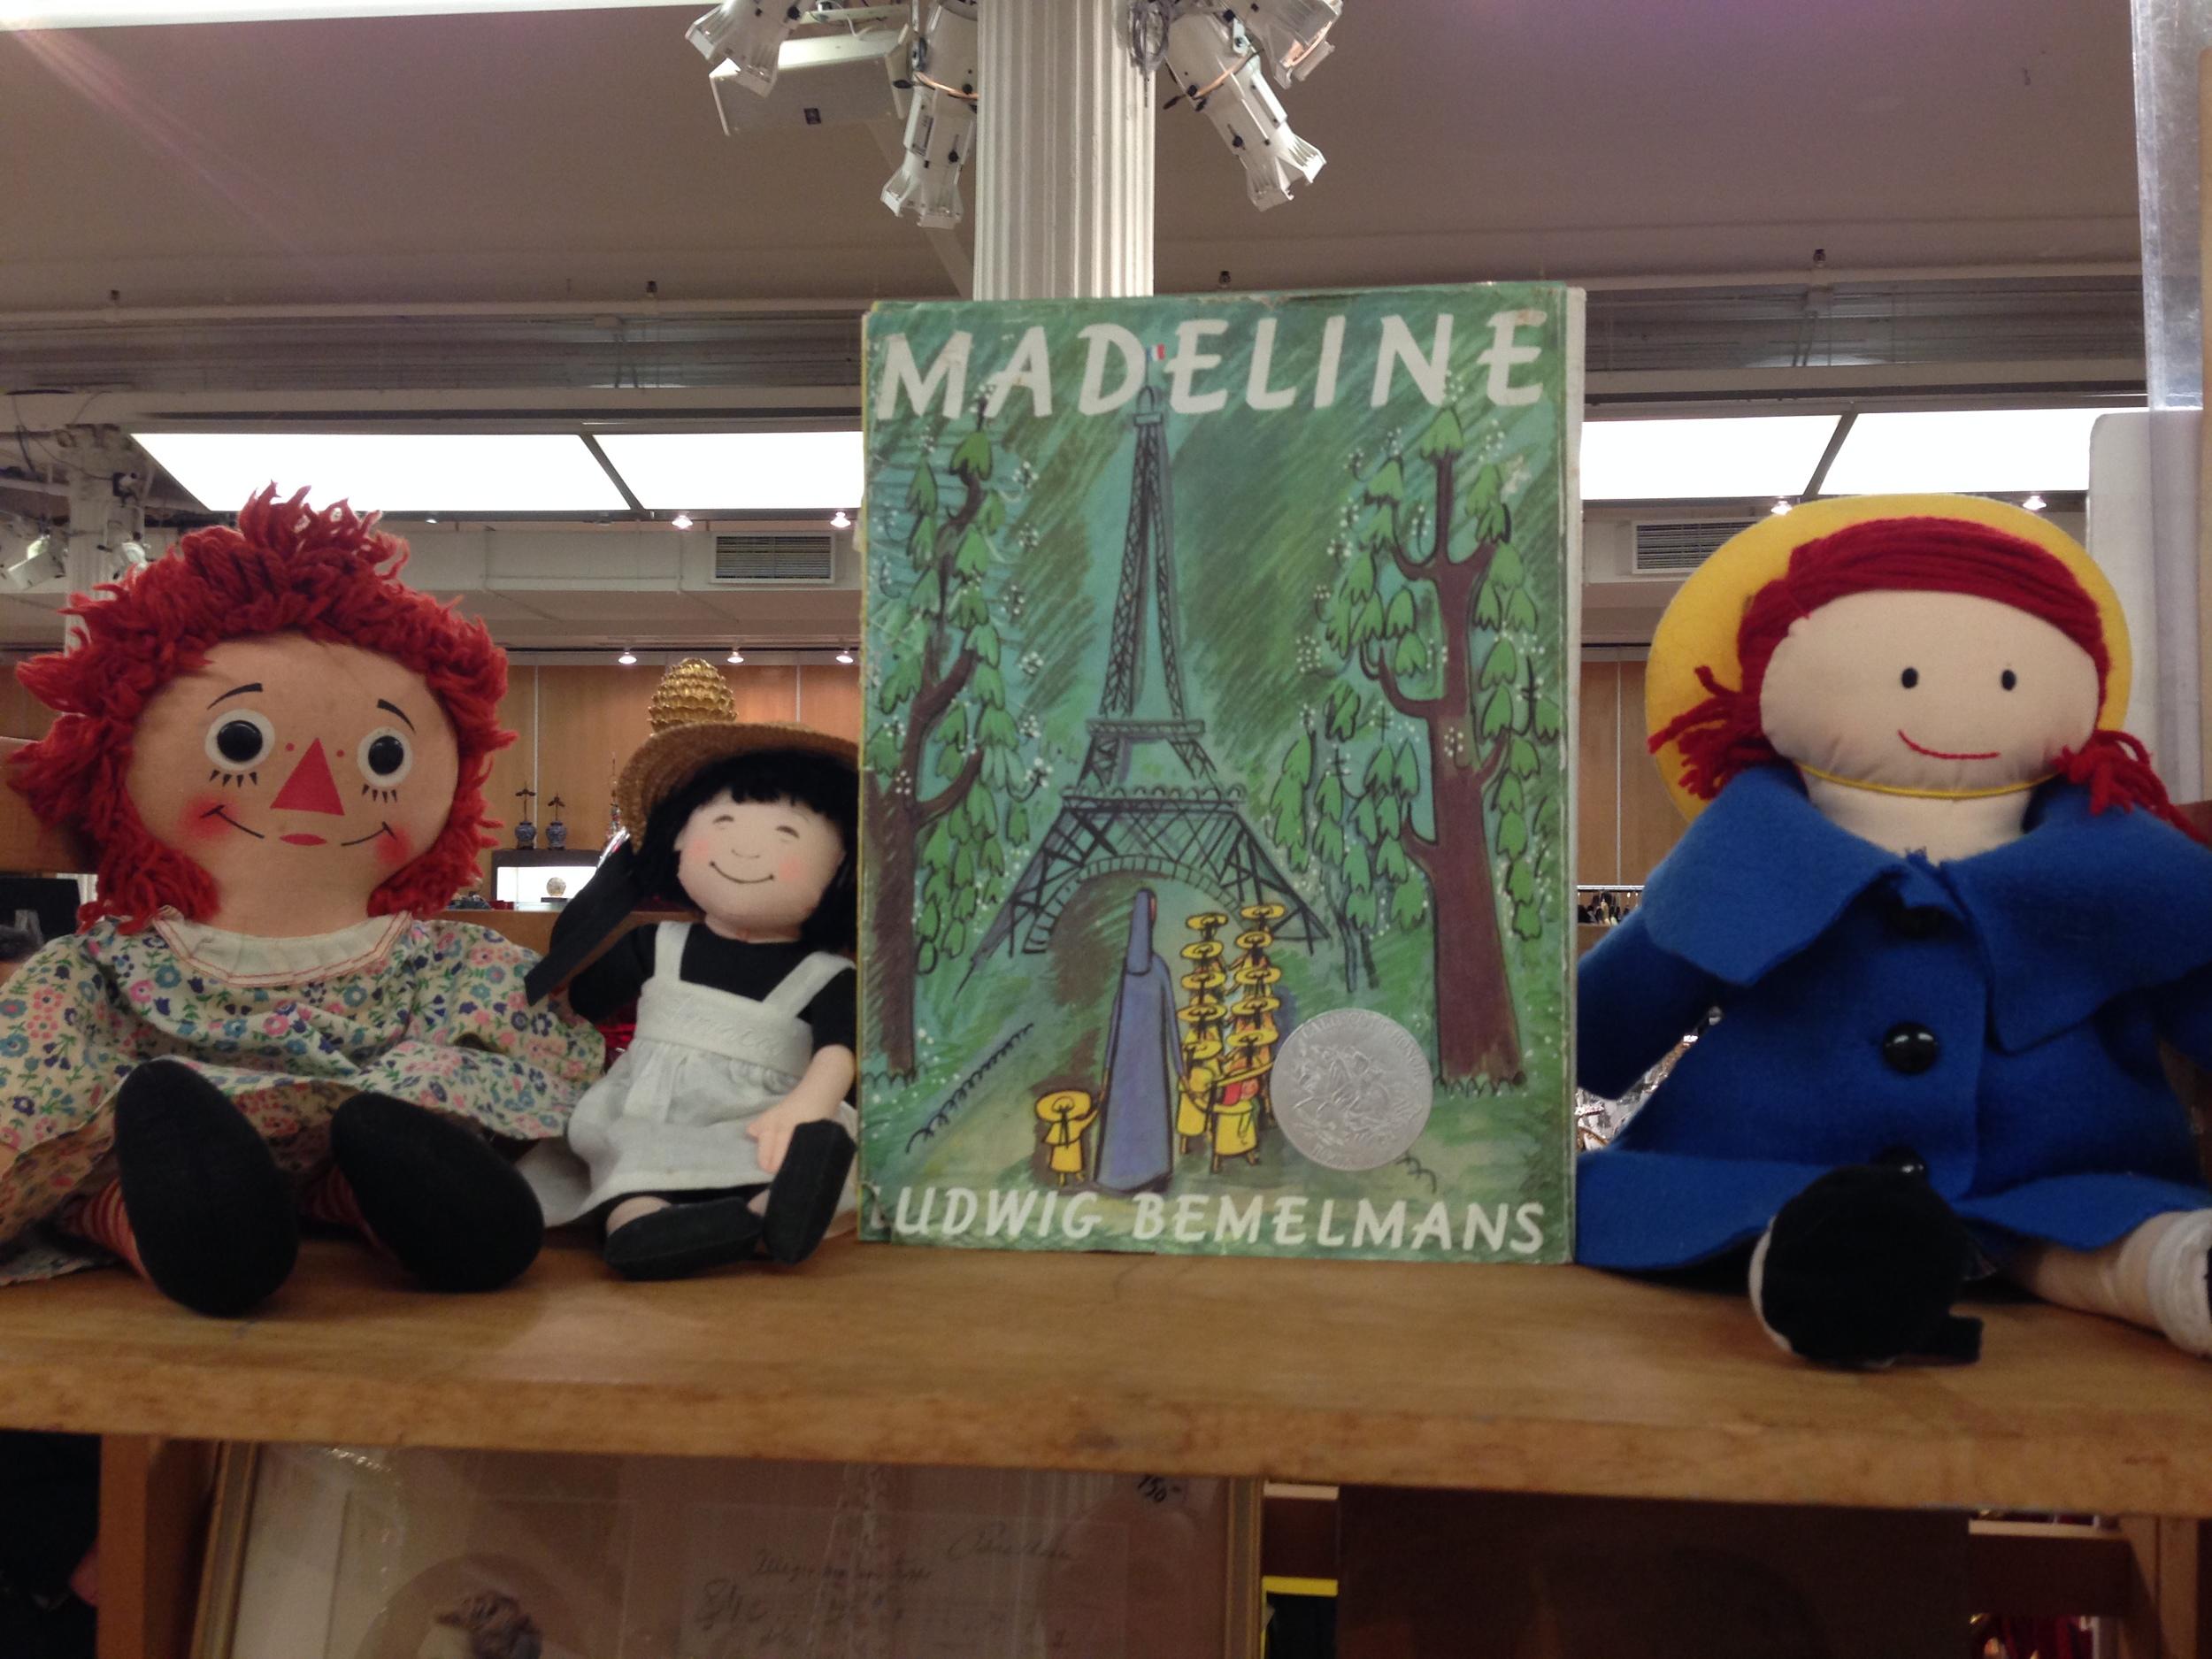 Raggedy Ann & Madeline vintage dolls in pristine condition